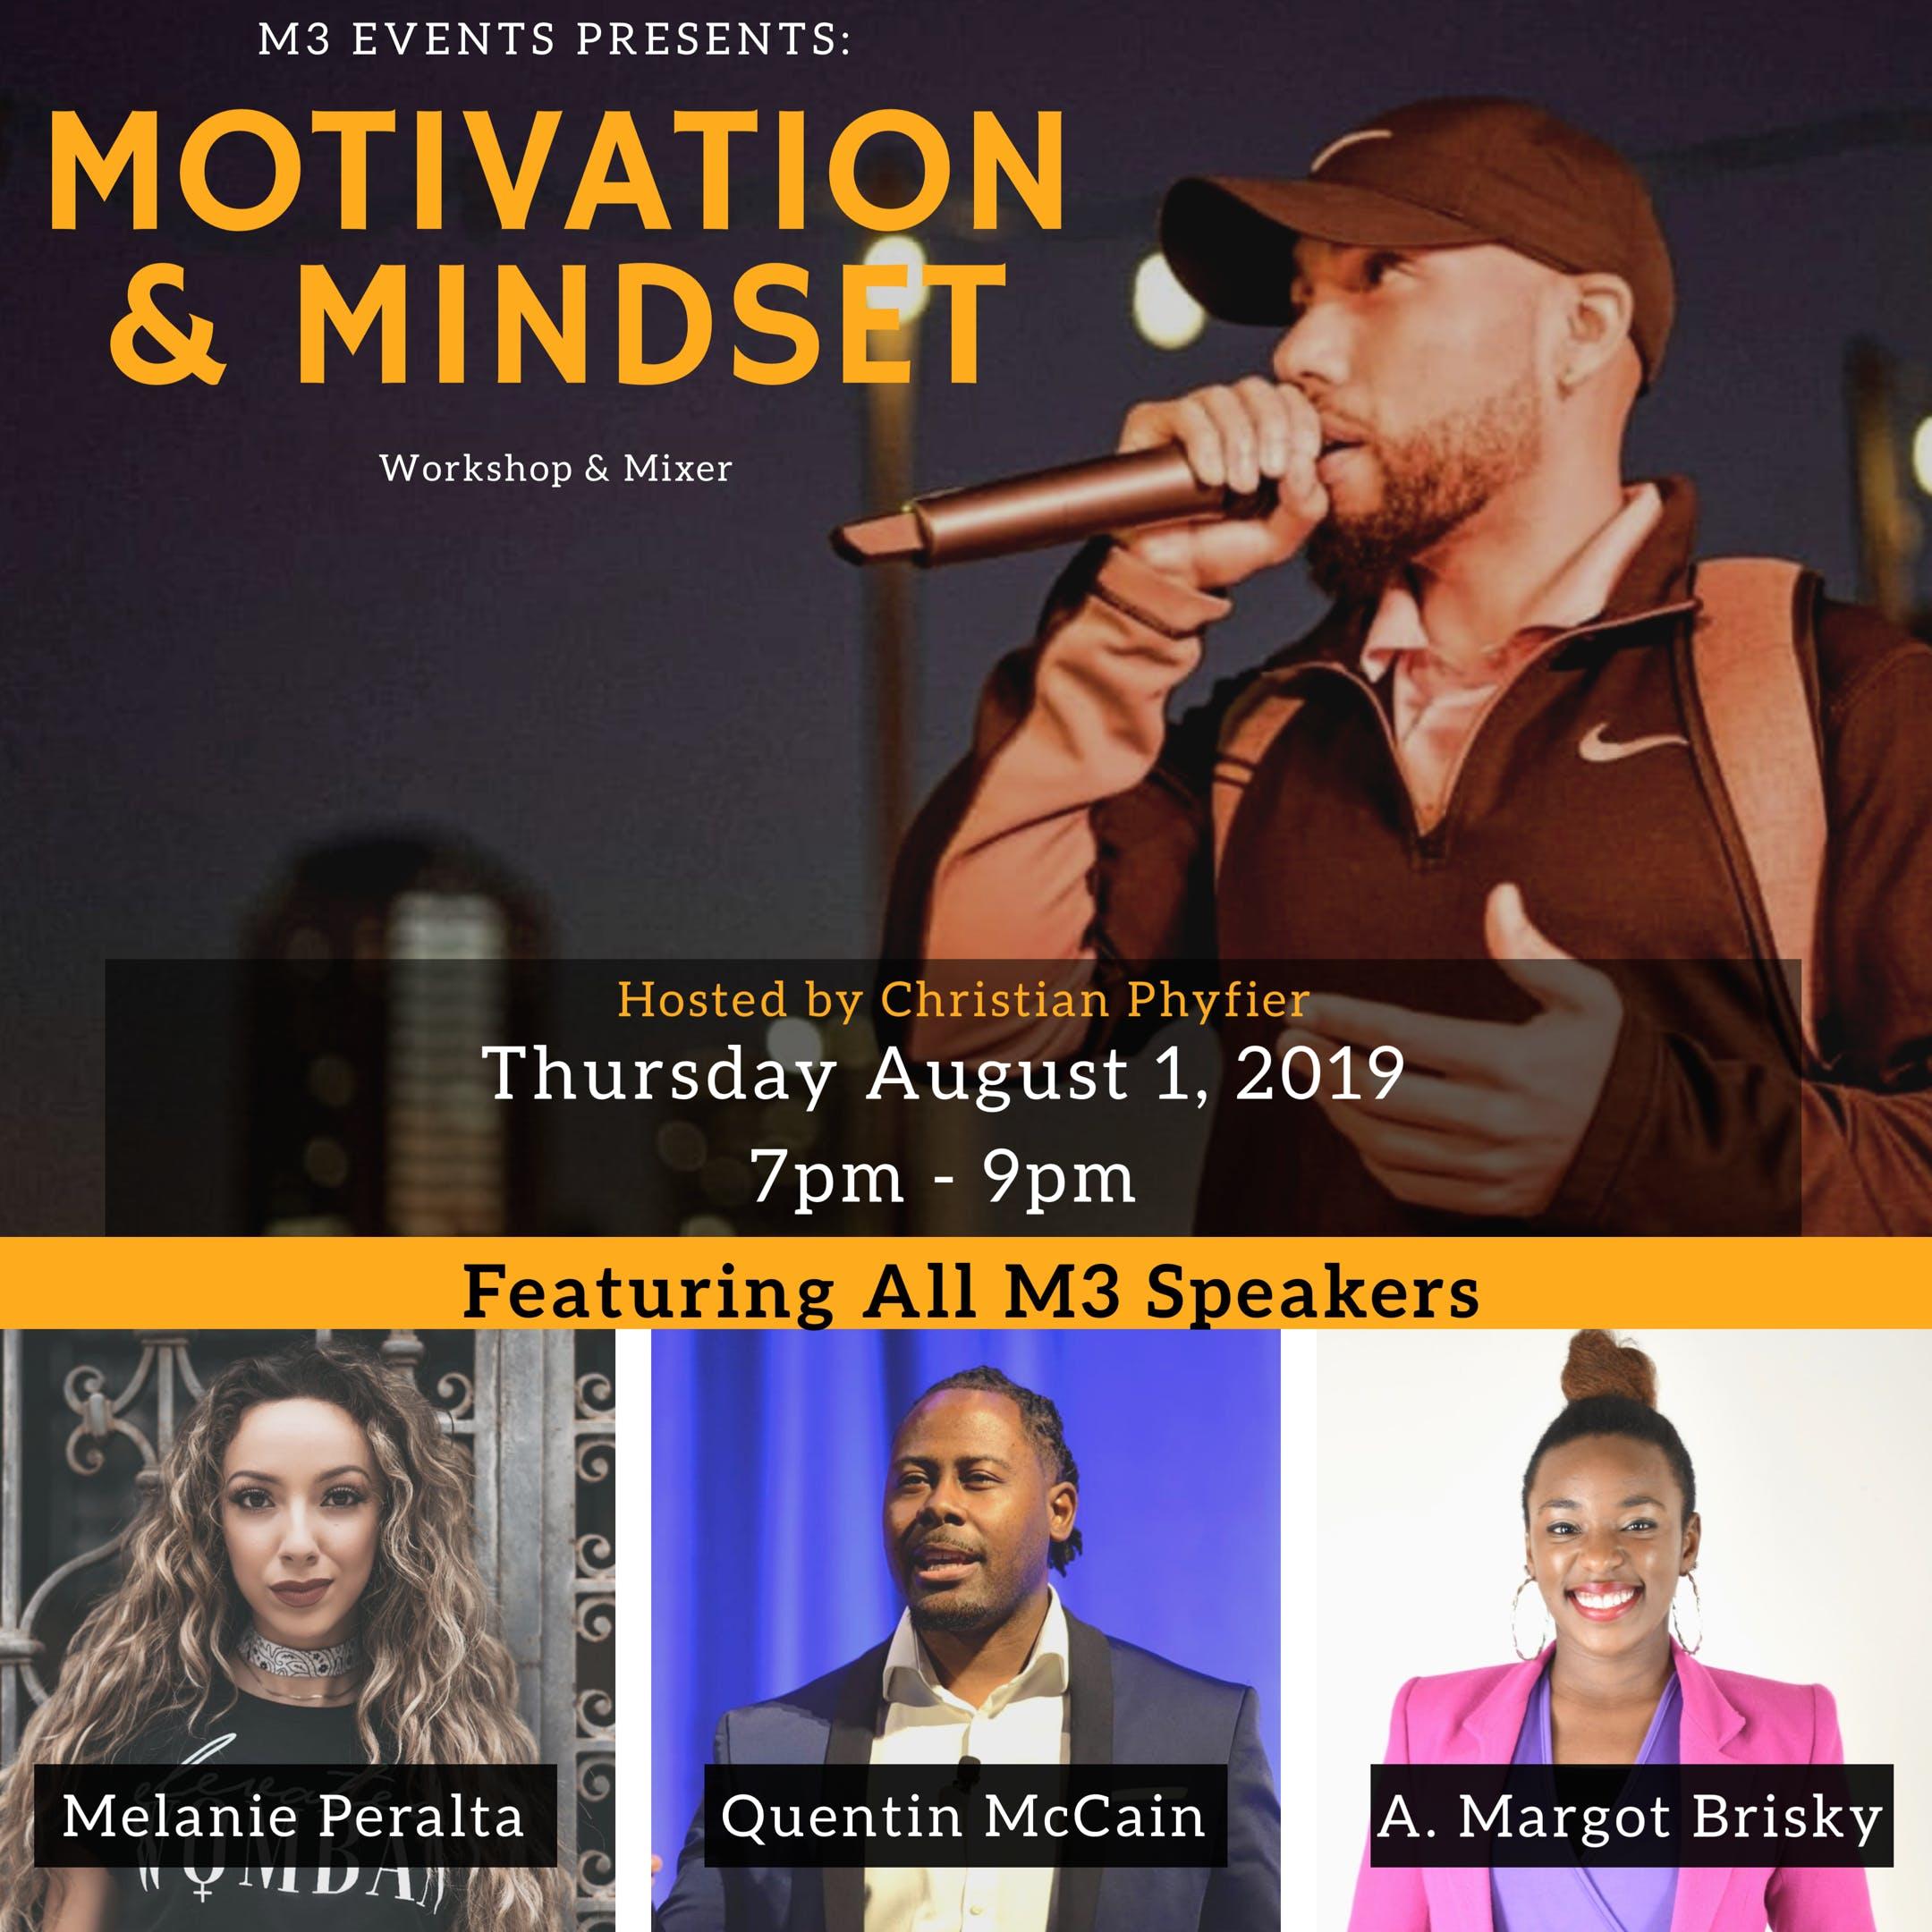 Motivation & Mindset Entreprenuer Workshop